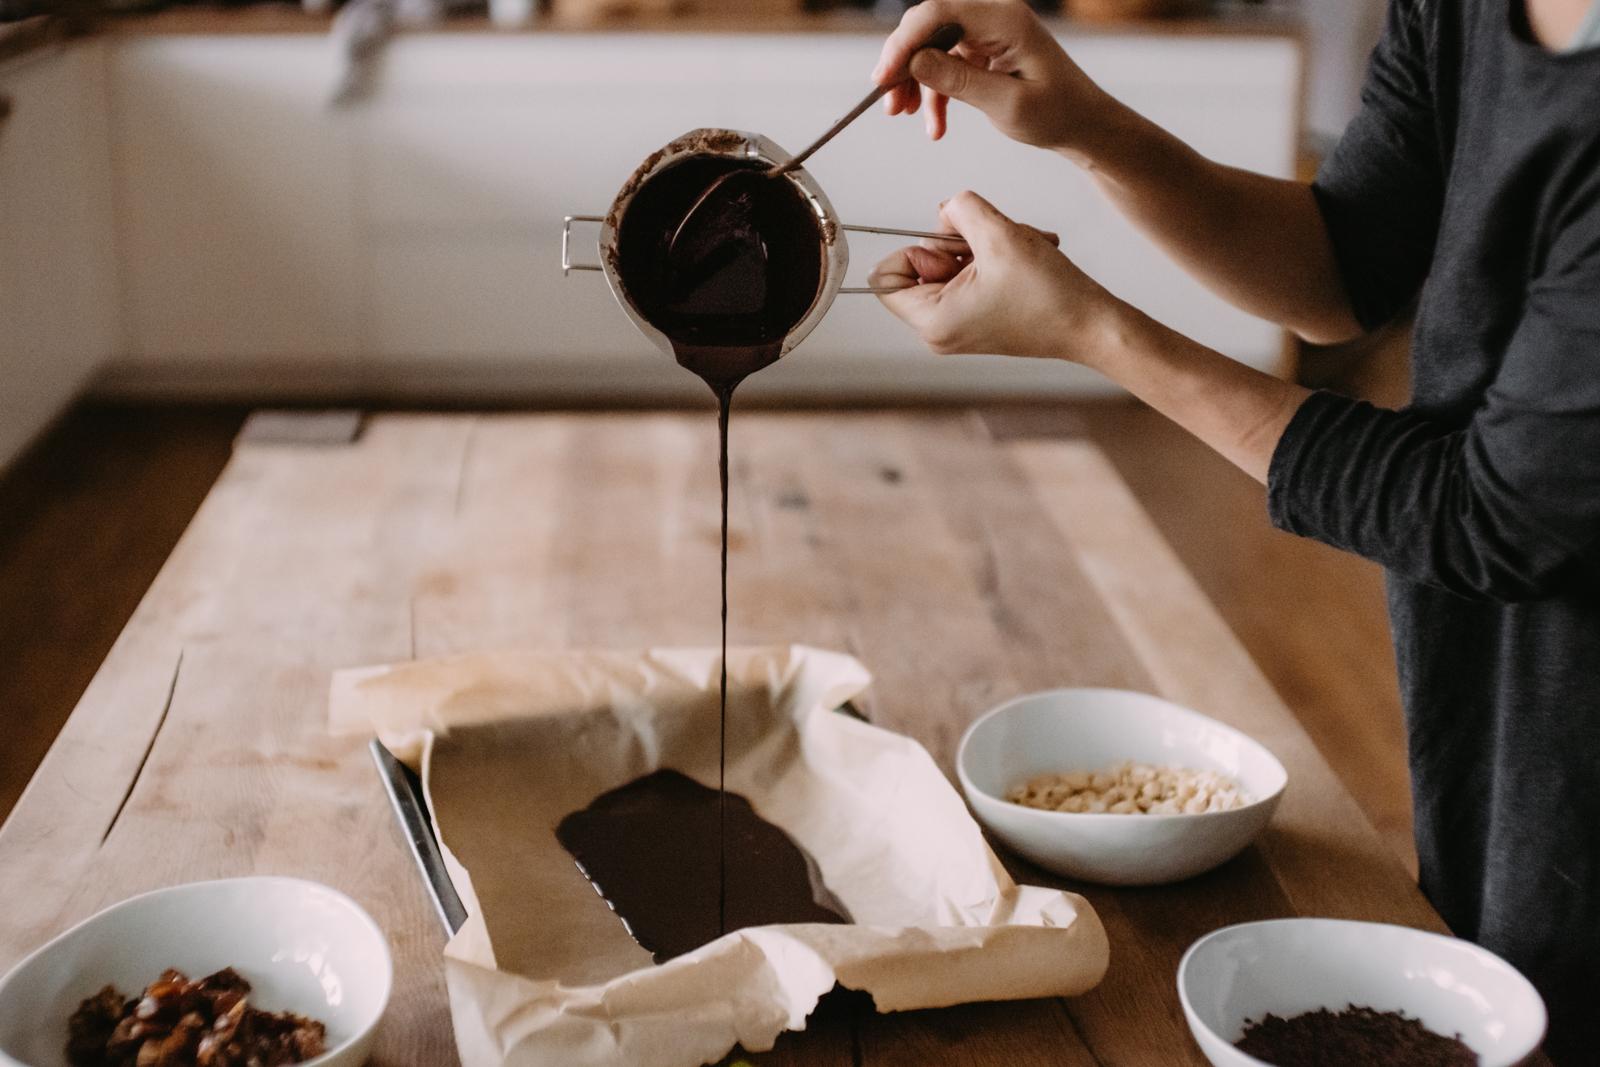 Making raw chocolate